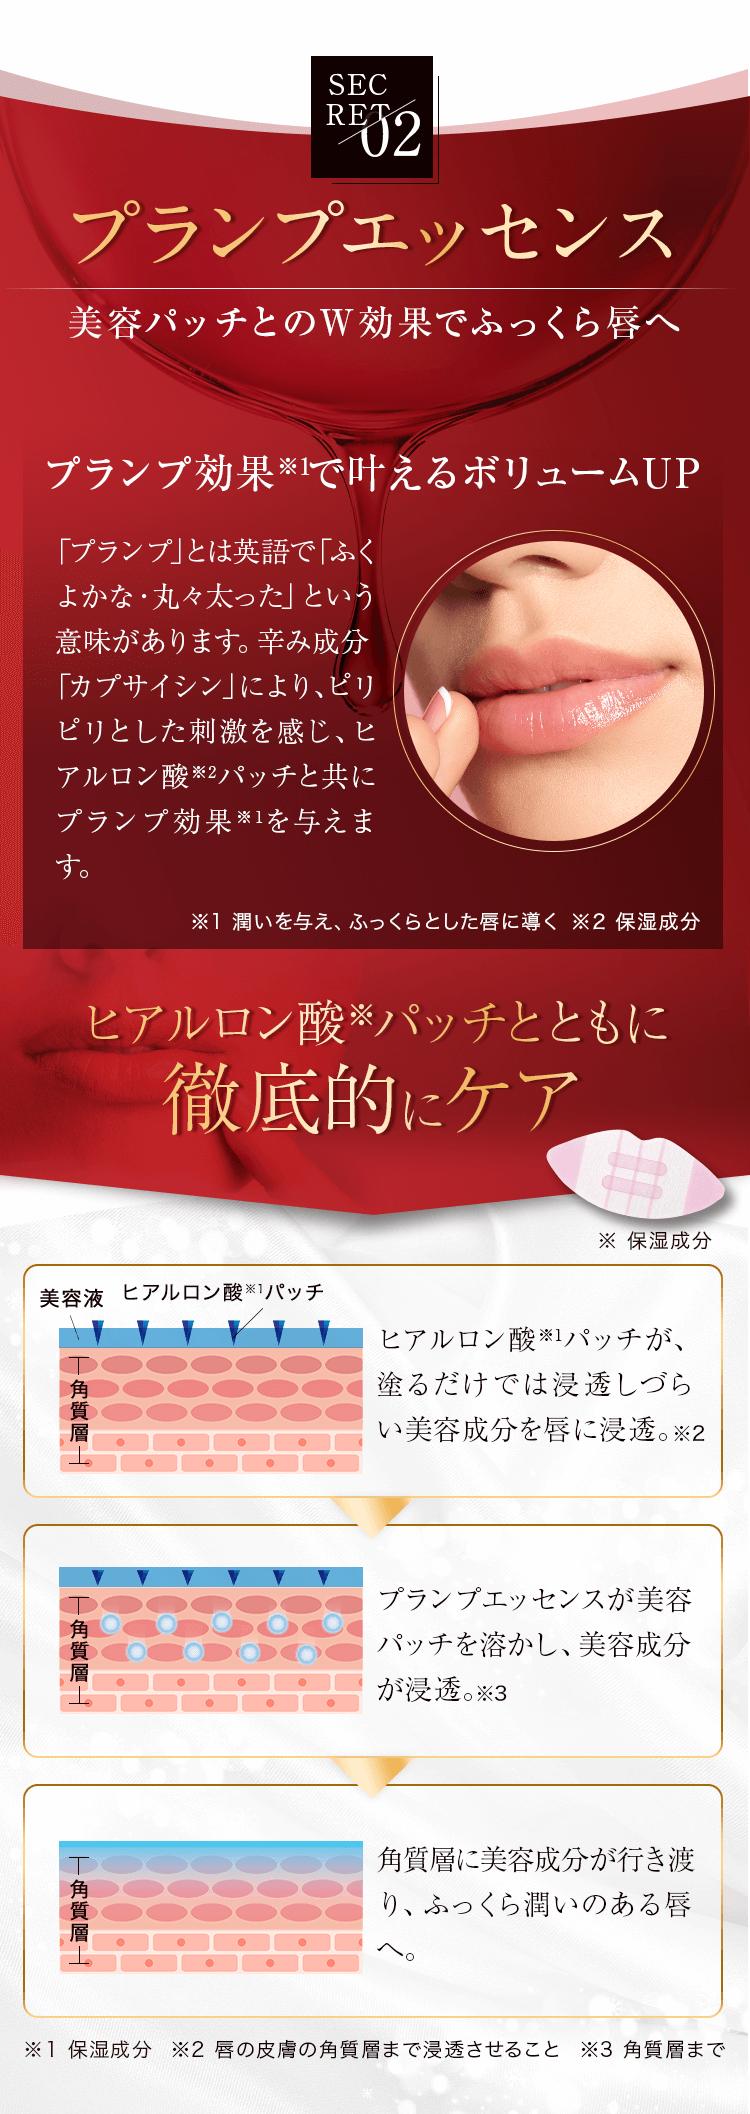 プランプエッセンス 美容パッチとのW効果でふっくら唇へ